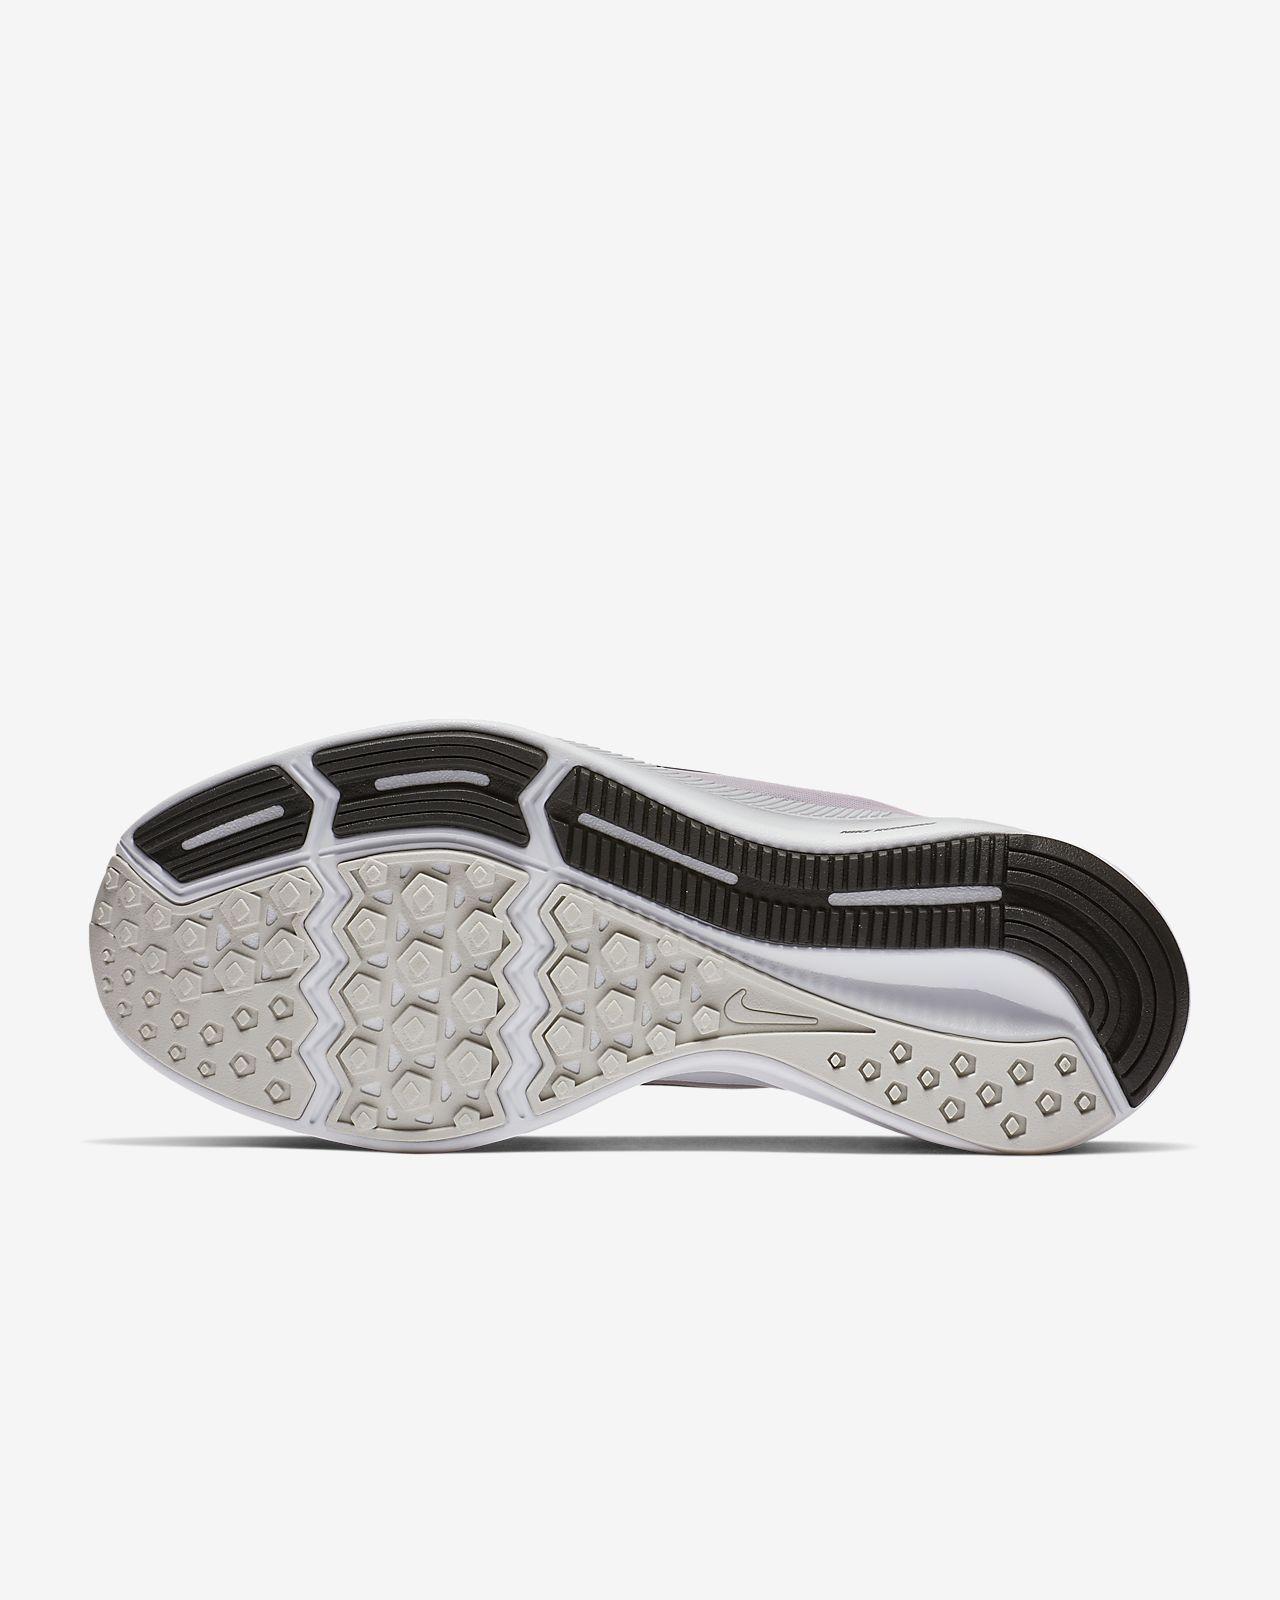 de6804c4a084c Nike Downshifter 8 Women s Running Shoe. Nike.com GB